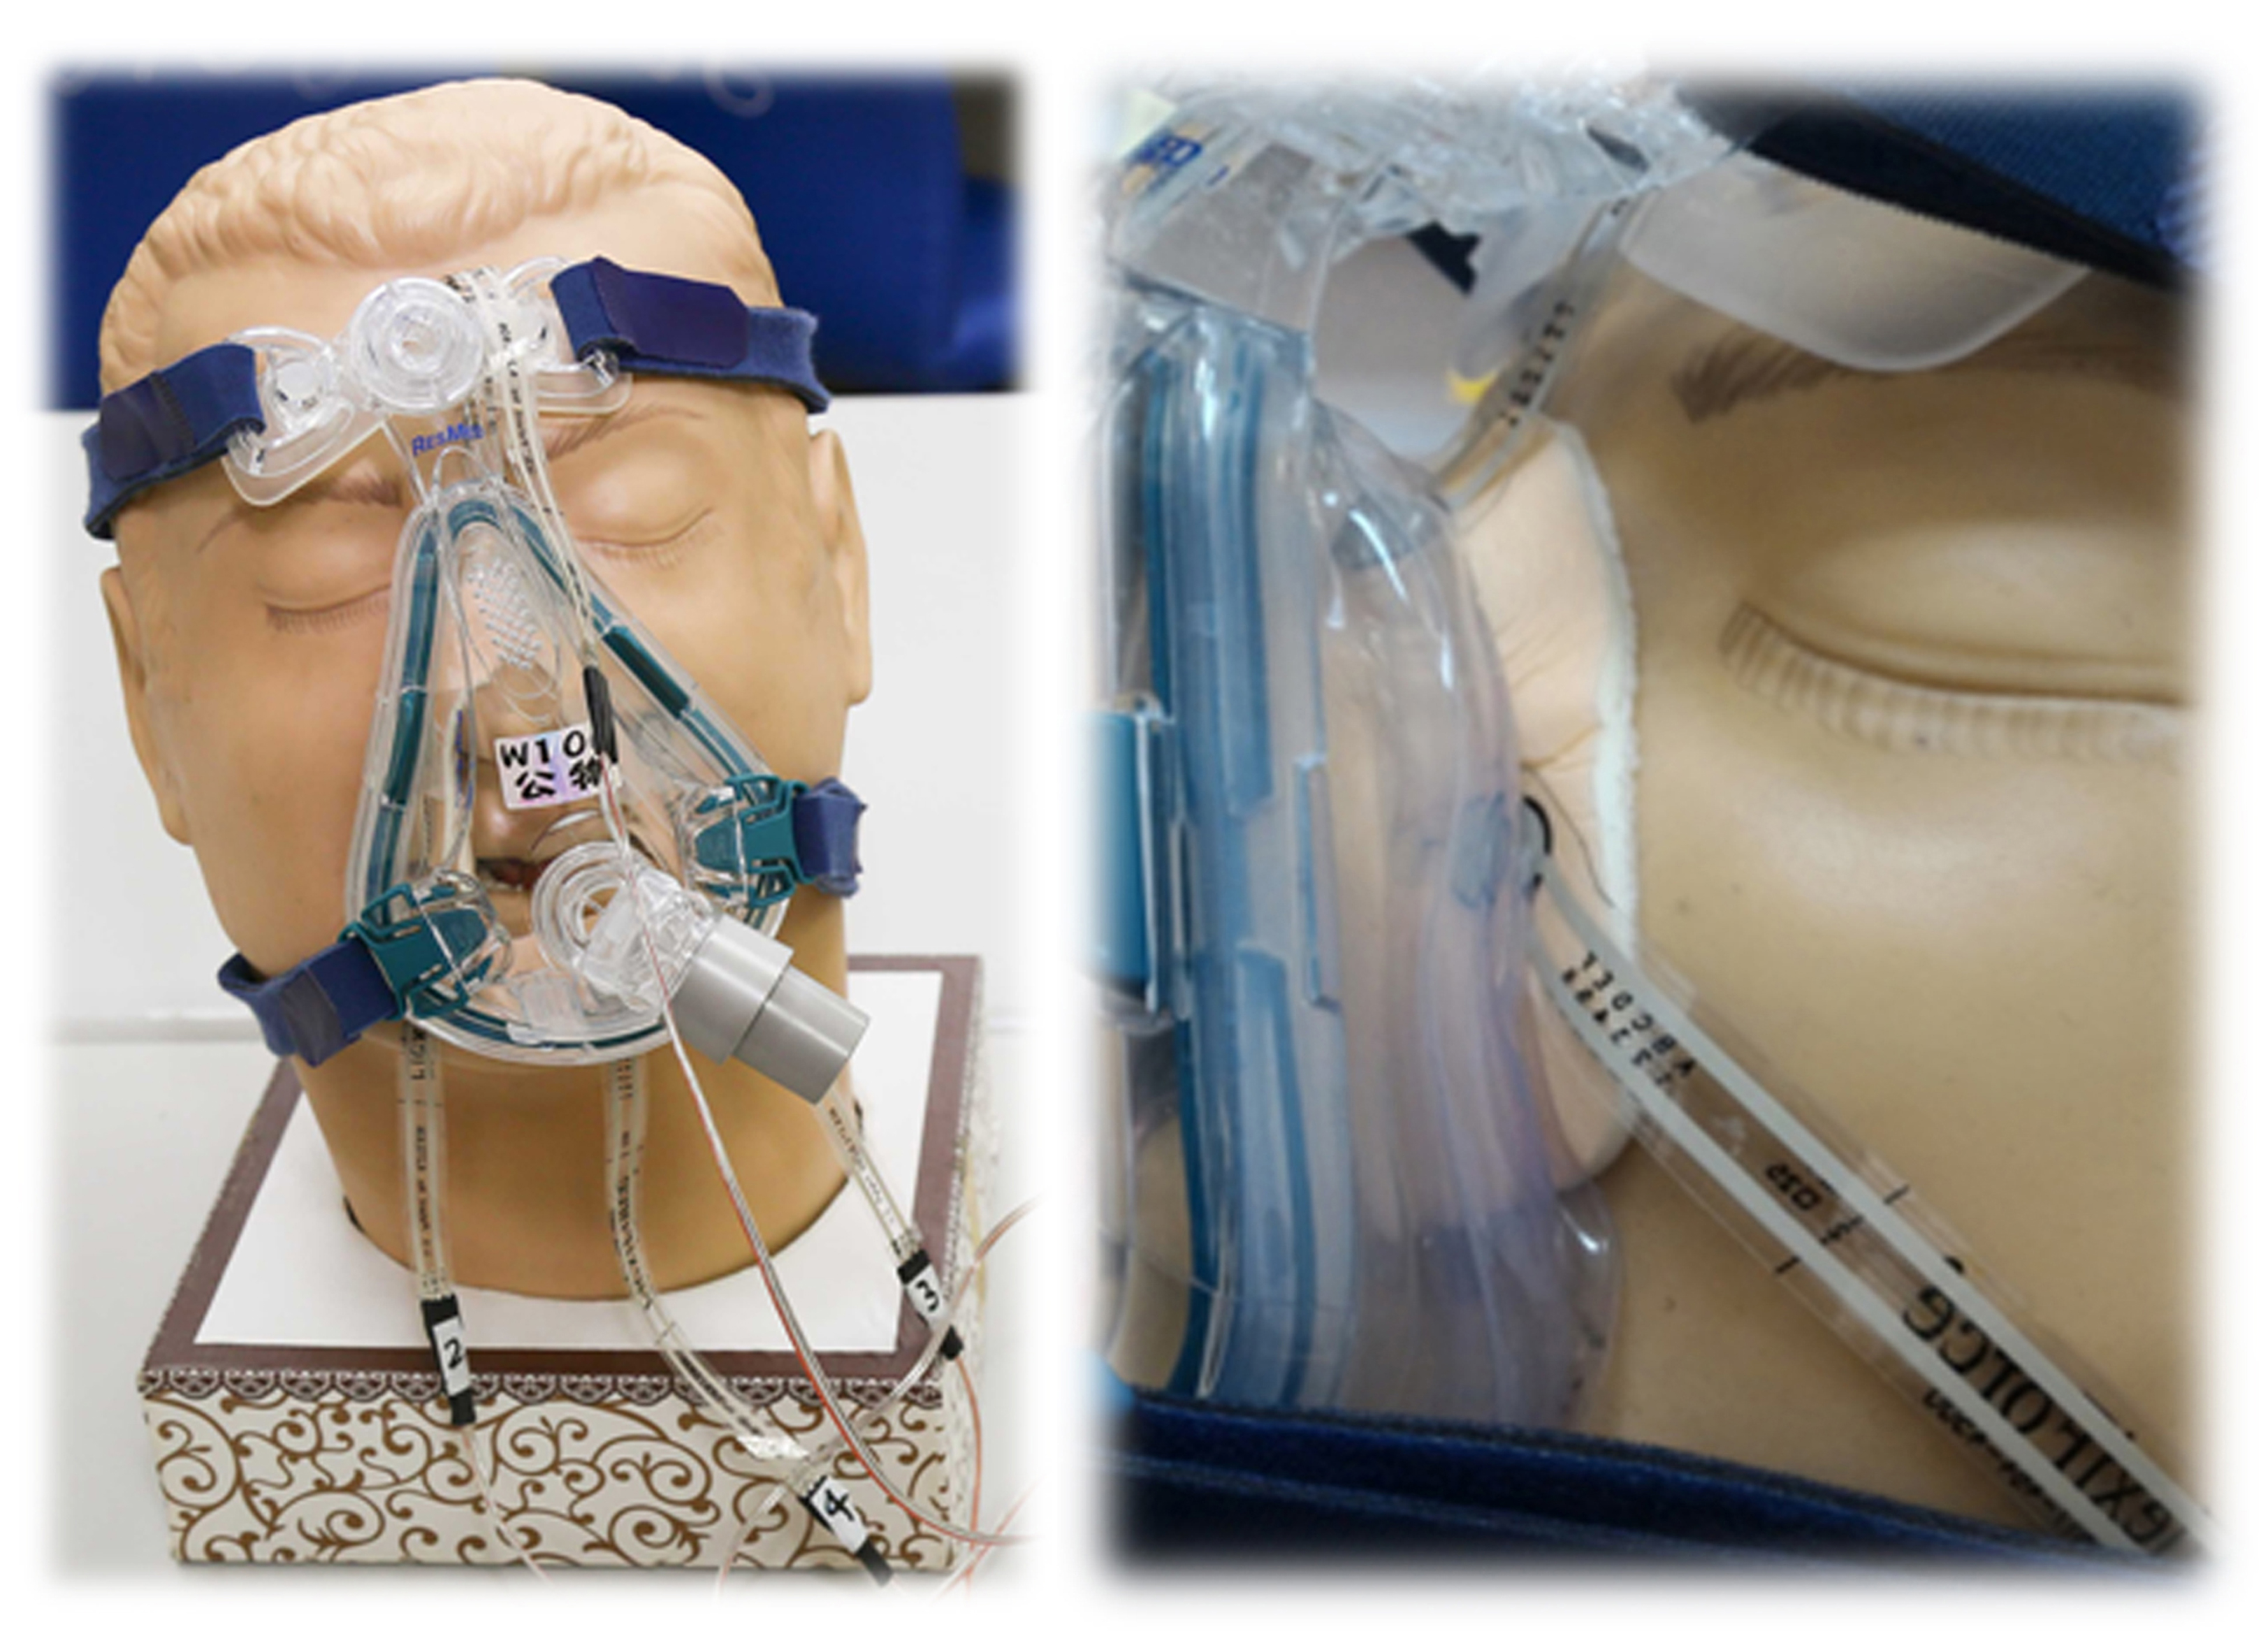 呼吸面罩皮膚壓力感測點放置示意圖(四點)及單點放大圖